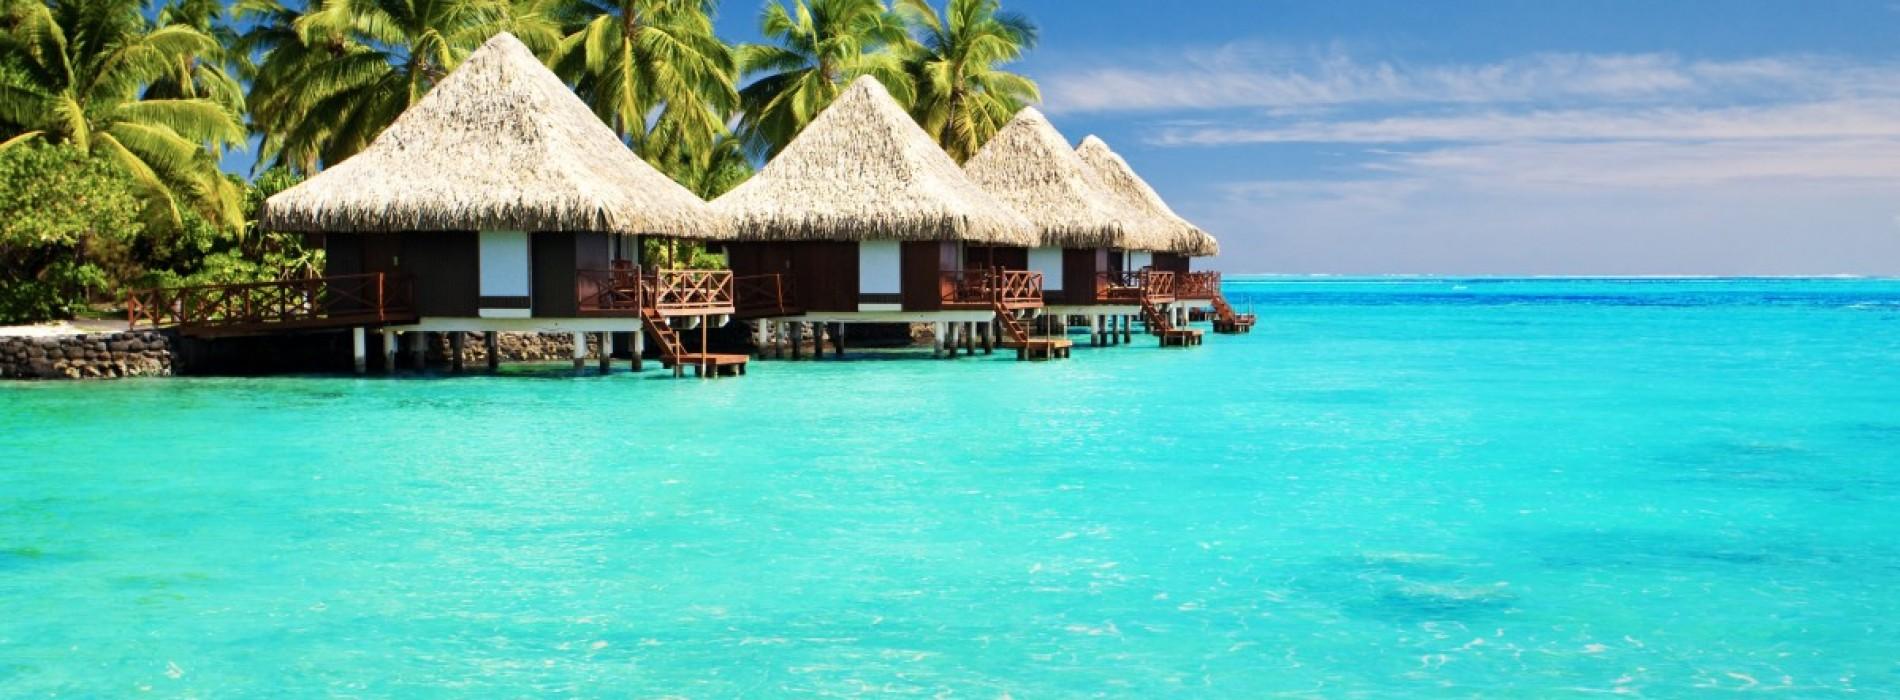 Insulele Maldive, planeta-paradis de lângă Ecuator